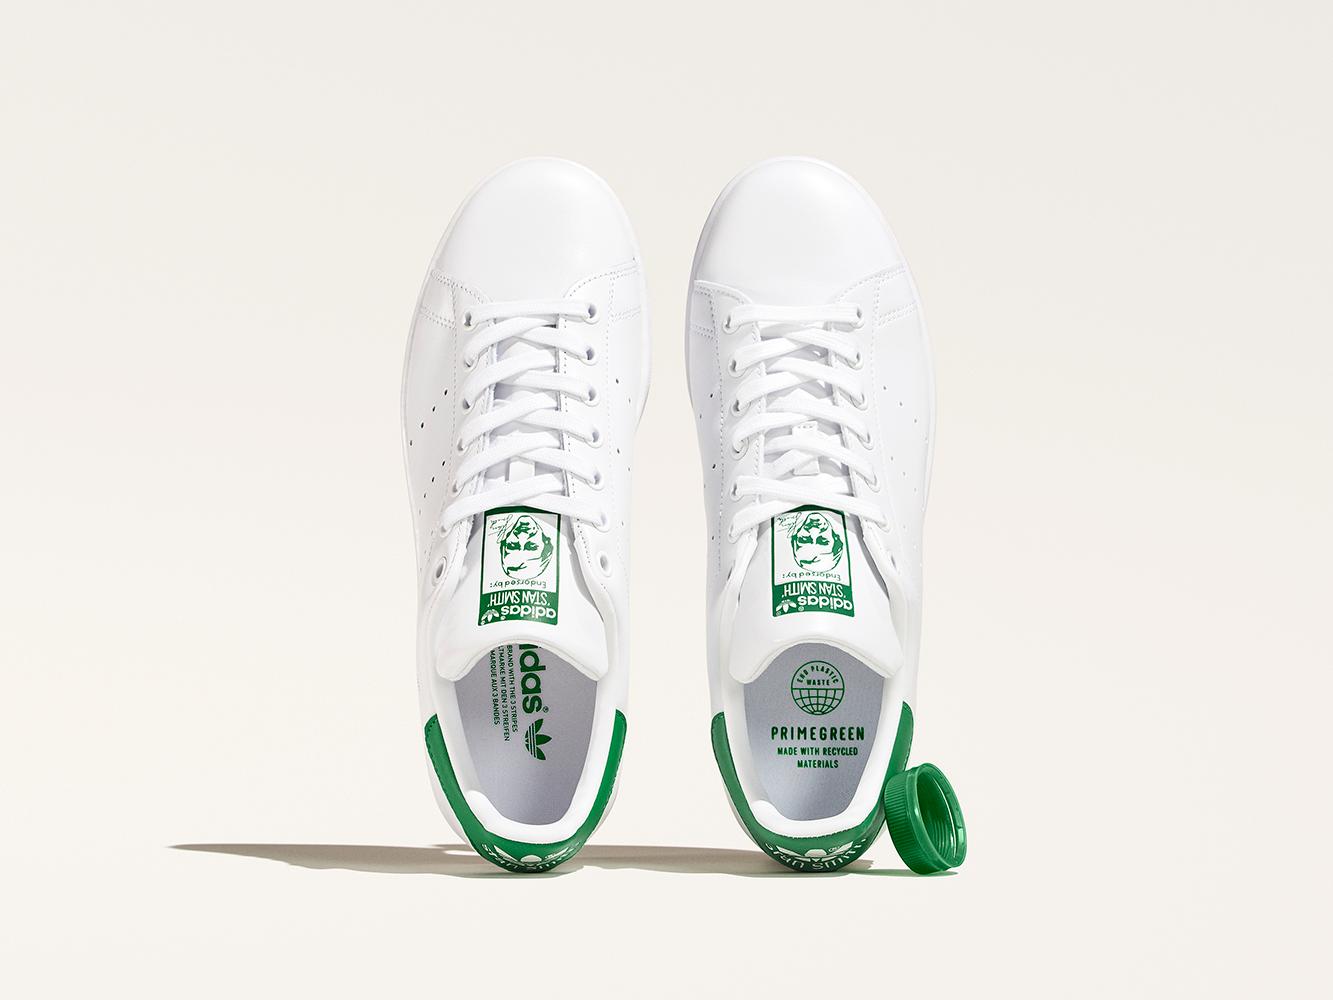 adidas Originals apuesta por la reducción de residuos plásticos con nueva campaña